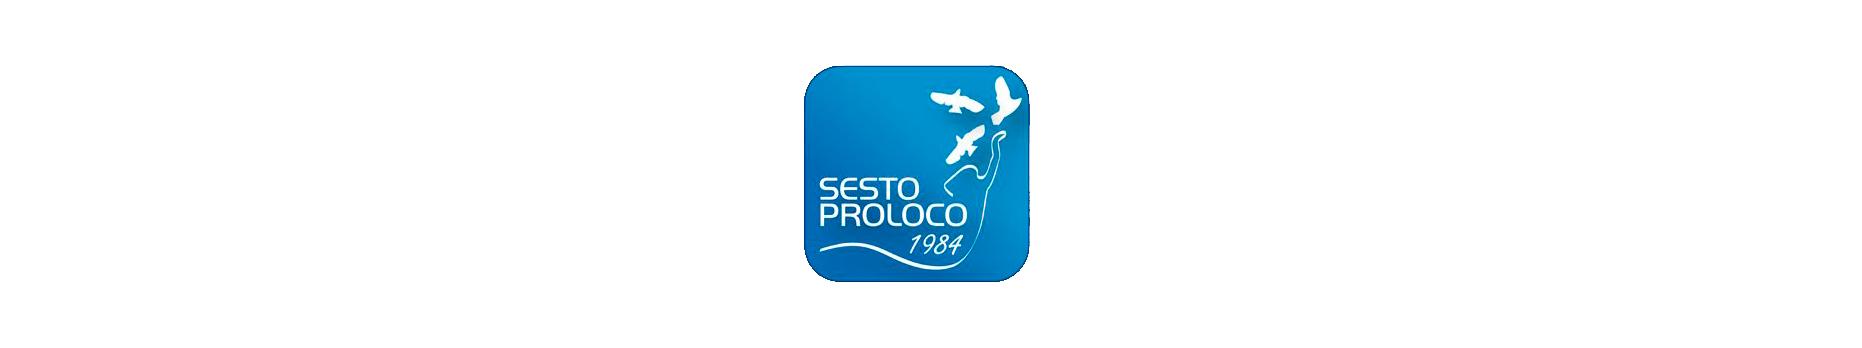 Associazione Sestoproloco - logo